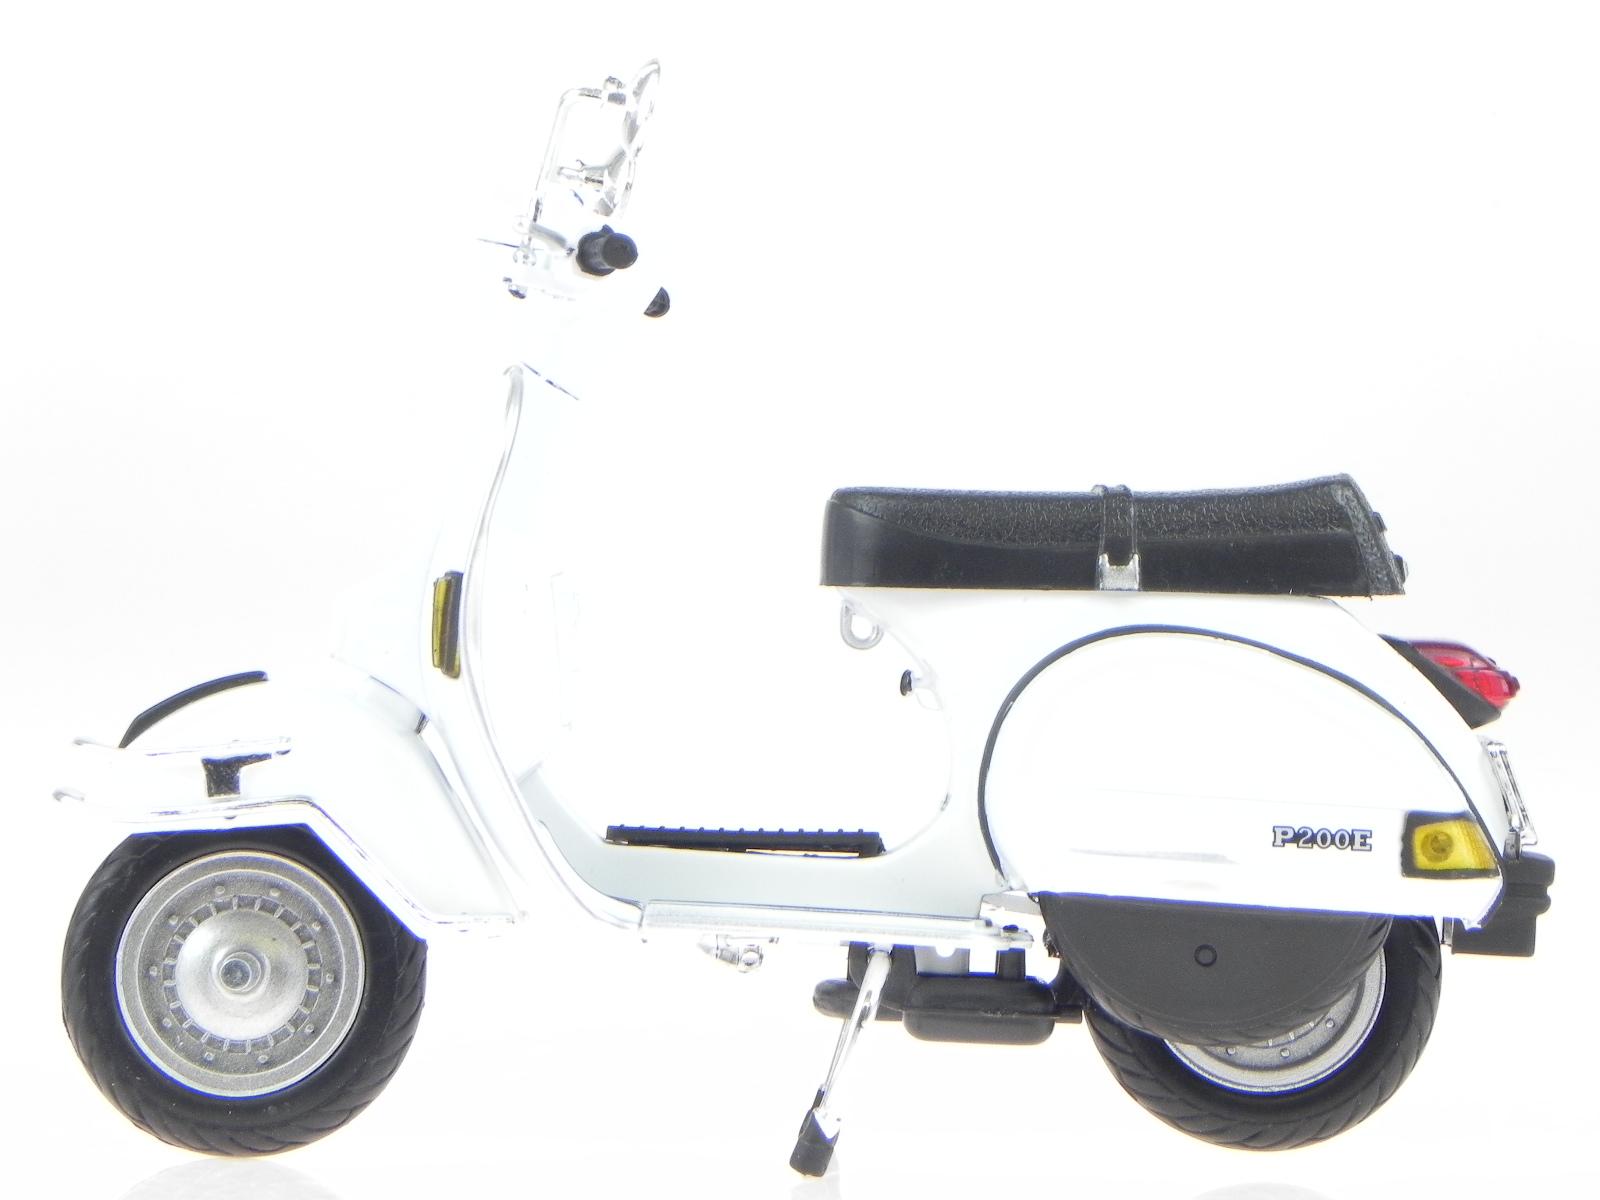 1978 Vespa PX 200 E